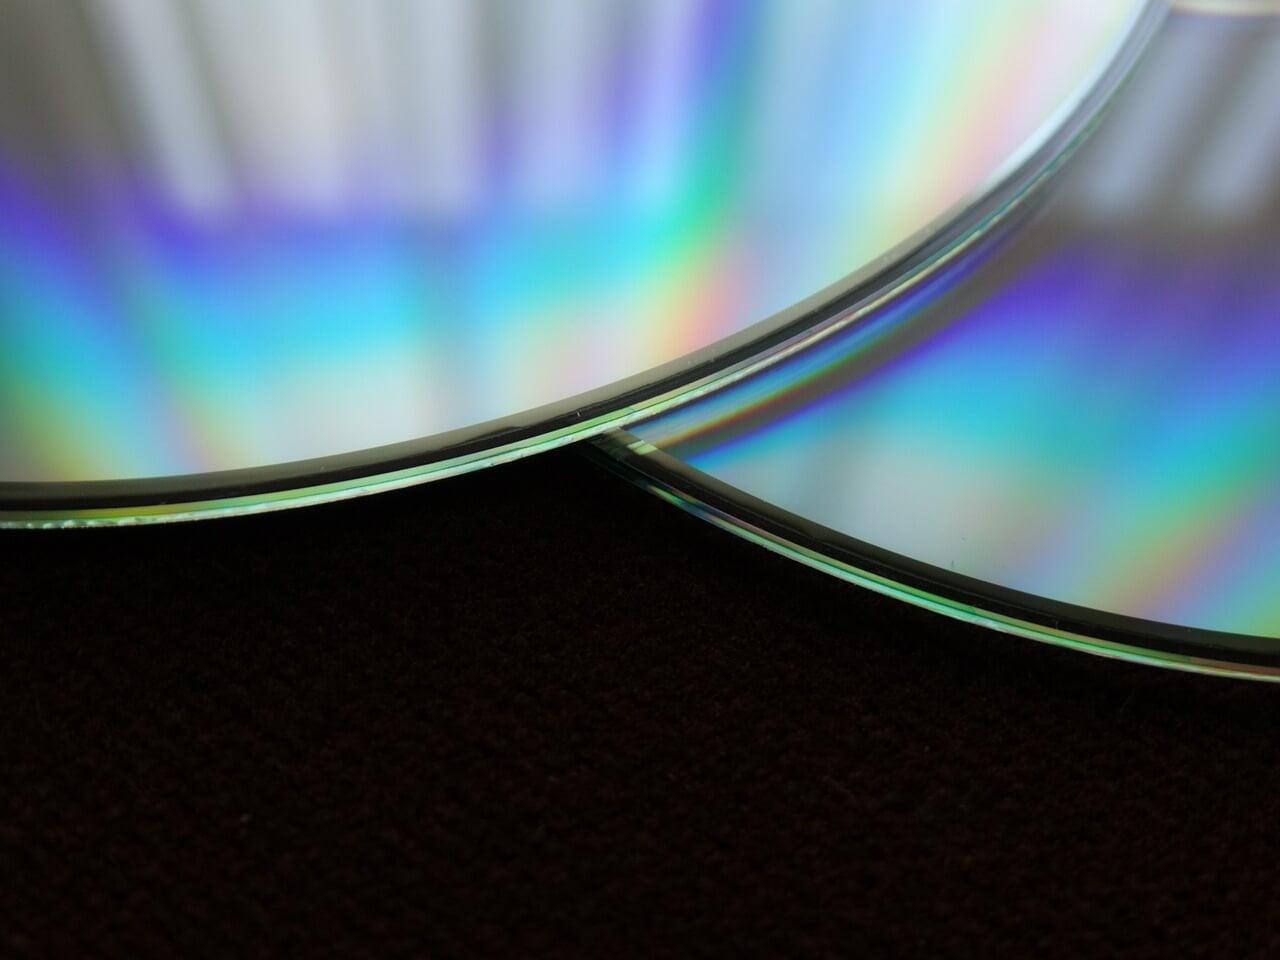 ソニー関連子会社、4Kブルーレイ規格「Ultra HD Blu-ray」の制作・製造を開始